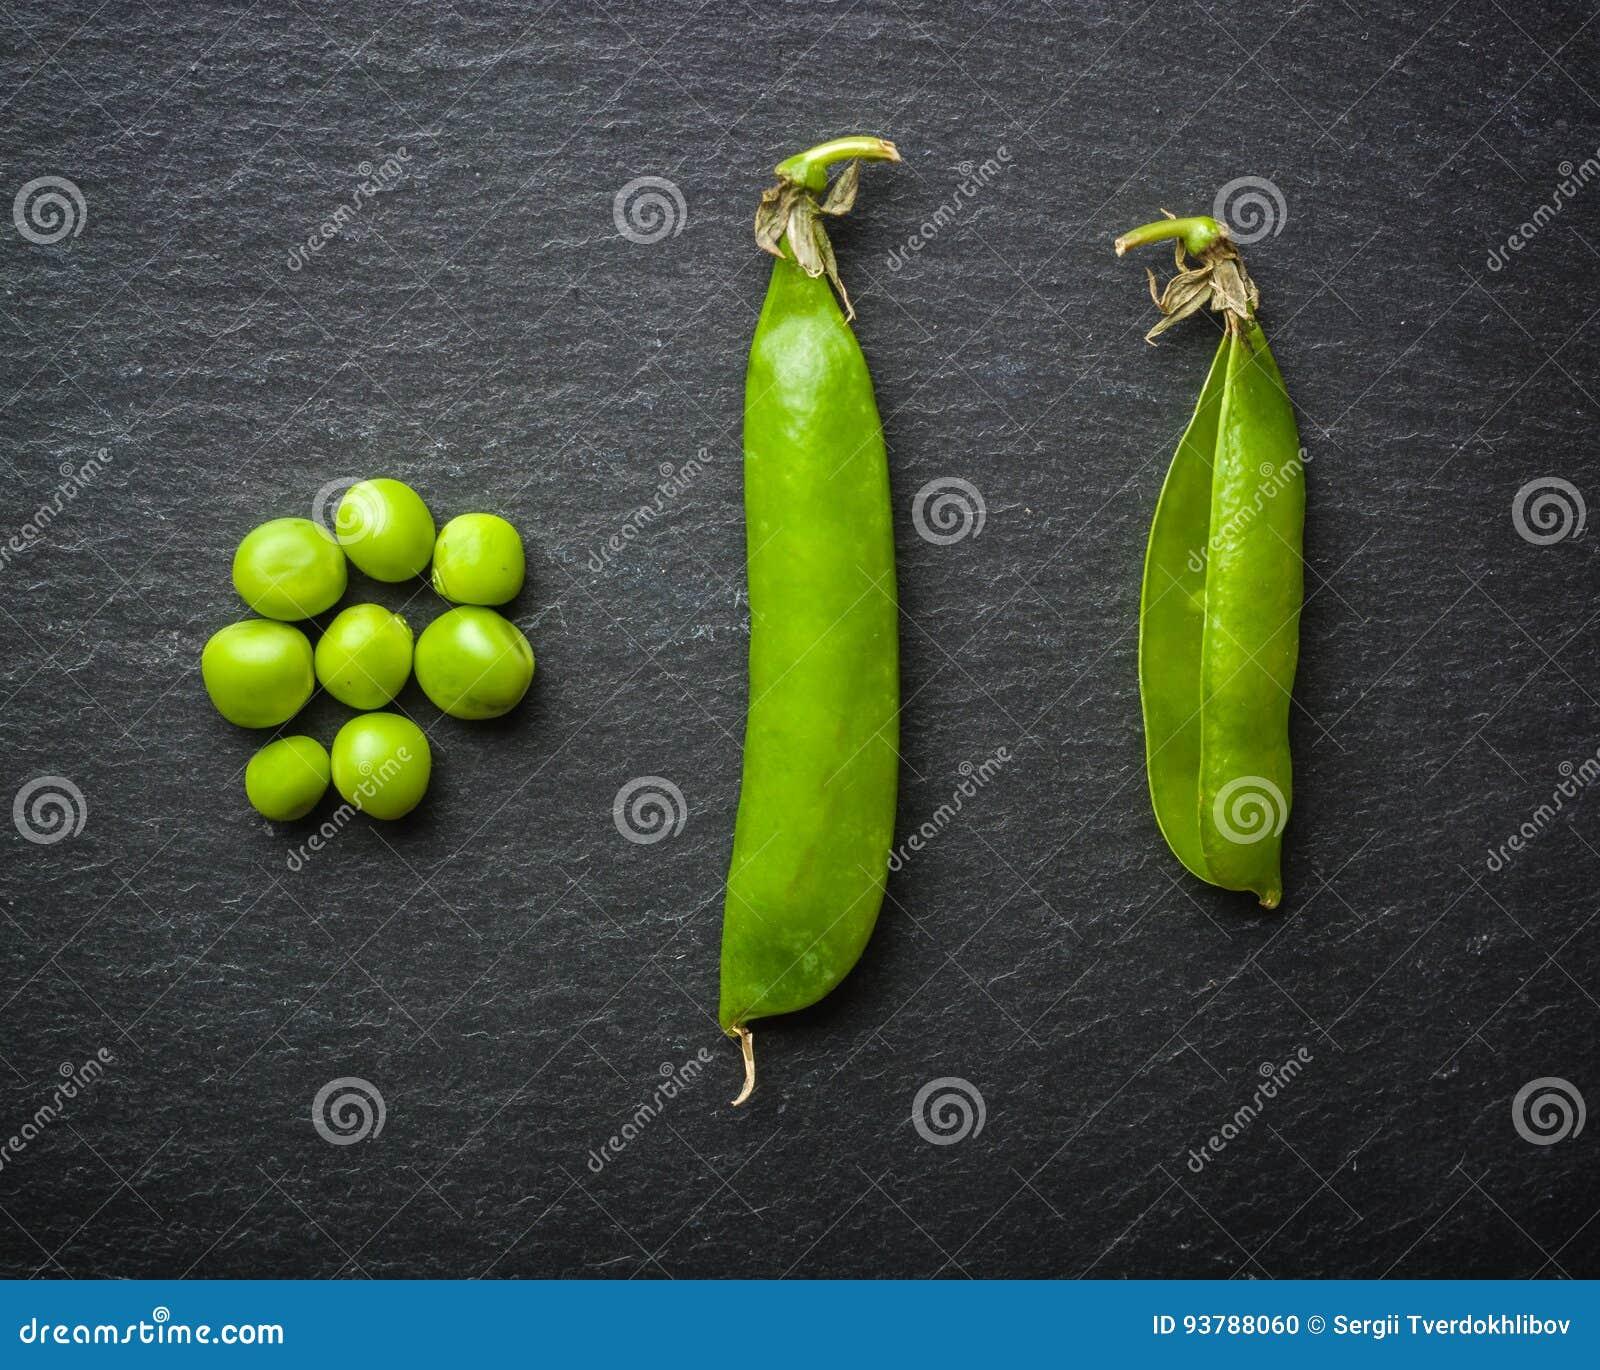 绿豆开放和闭合的药丸在黑石背景的 新鲜水果 收获 复制空间